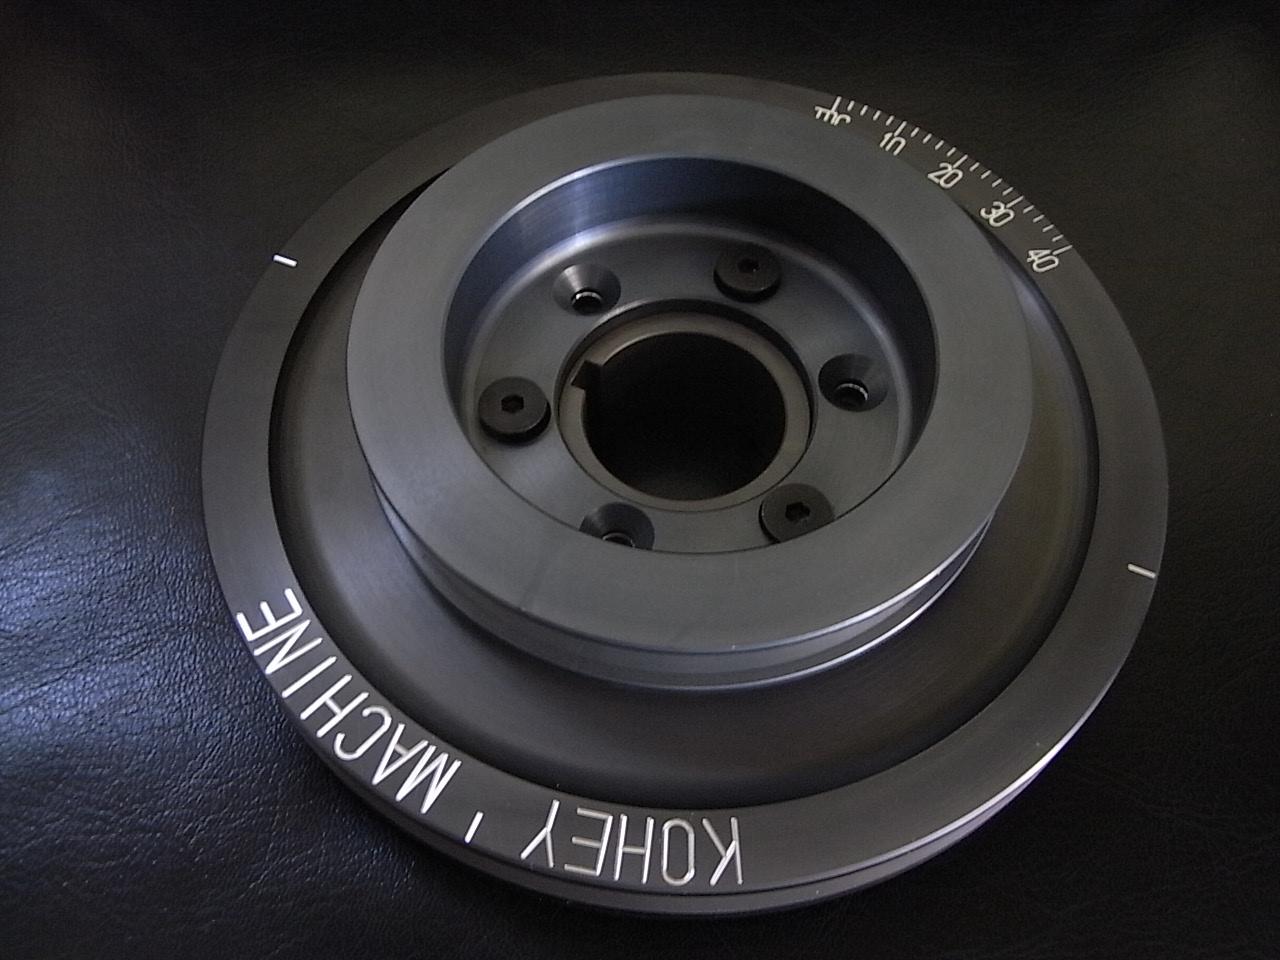 RIMG3559.JPG 1280×960 354K